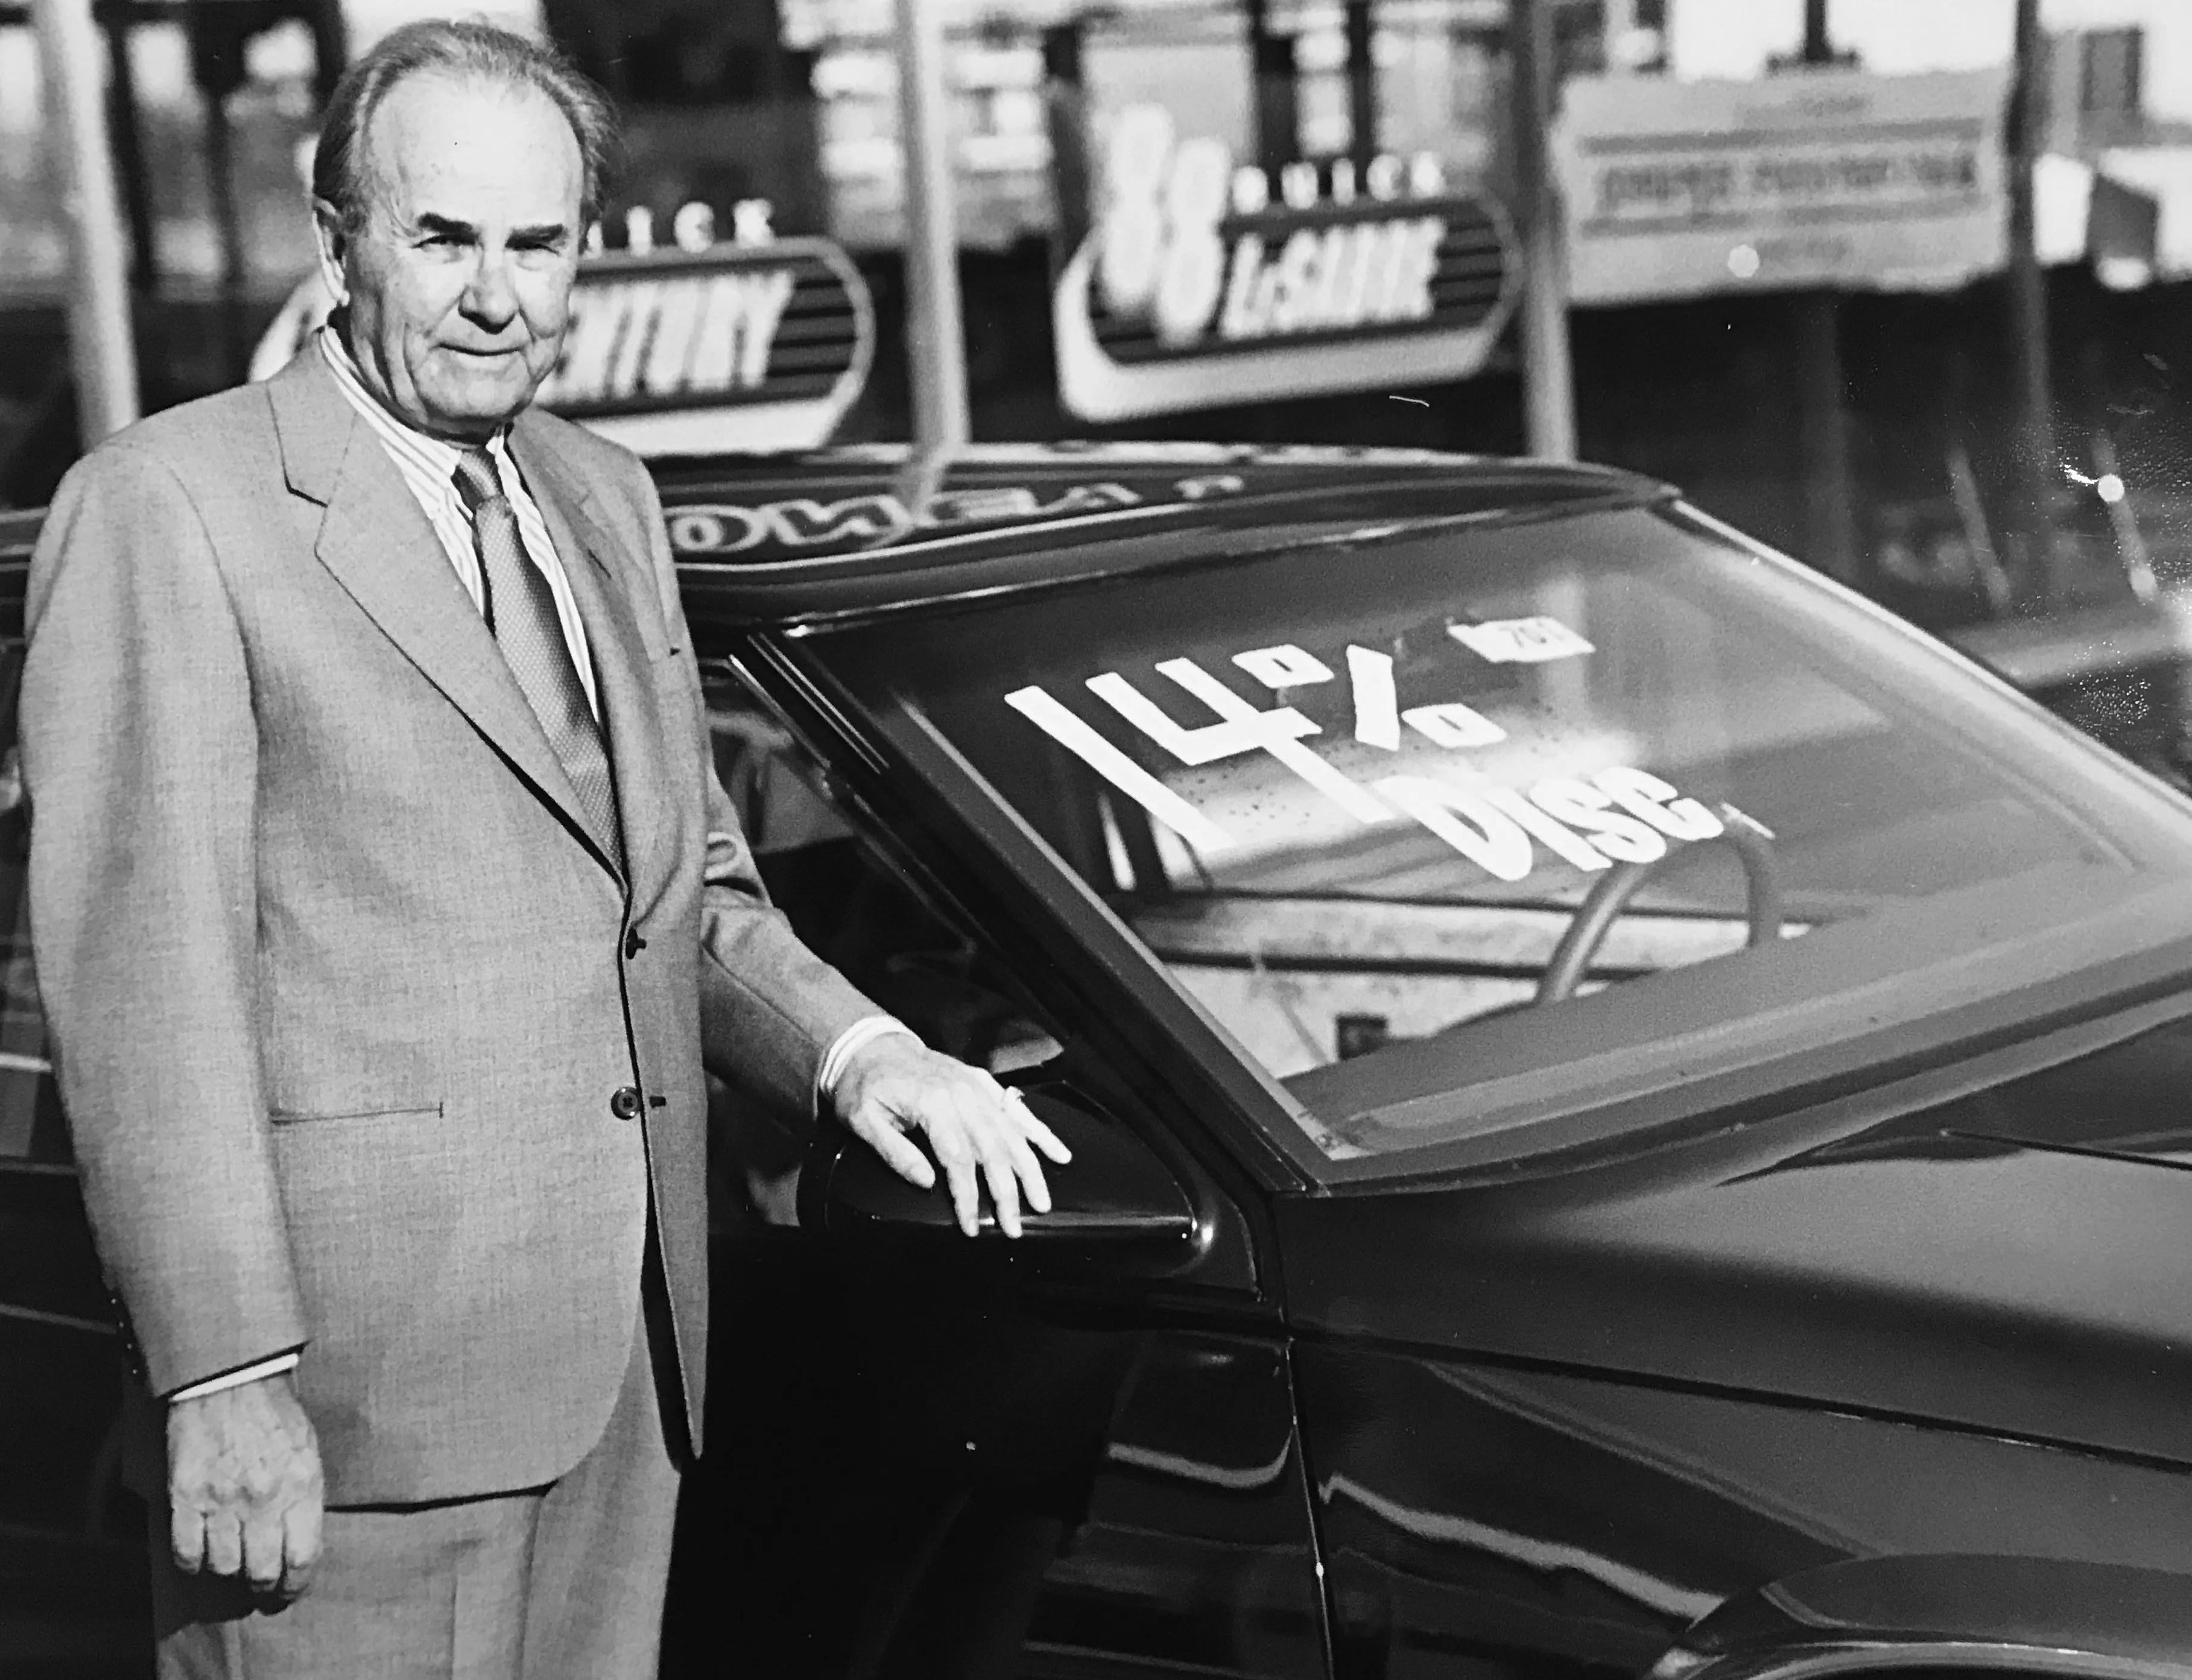 100 Unique Car Wash Slogans And Auto Detailing Slogans